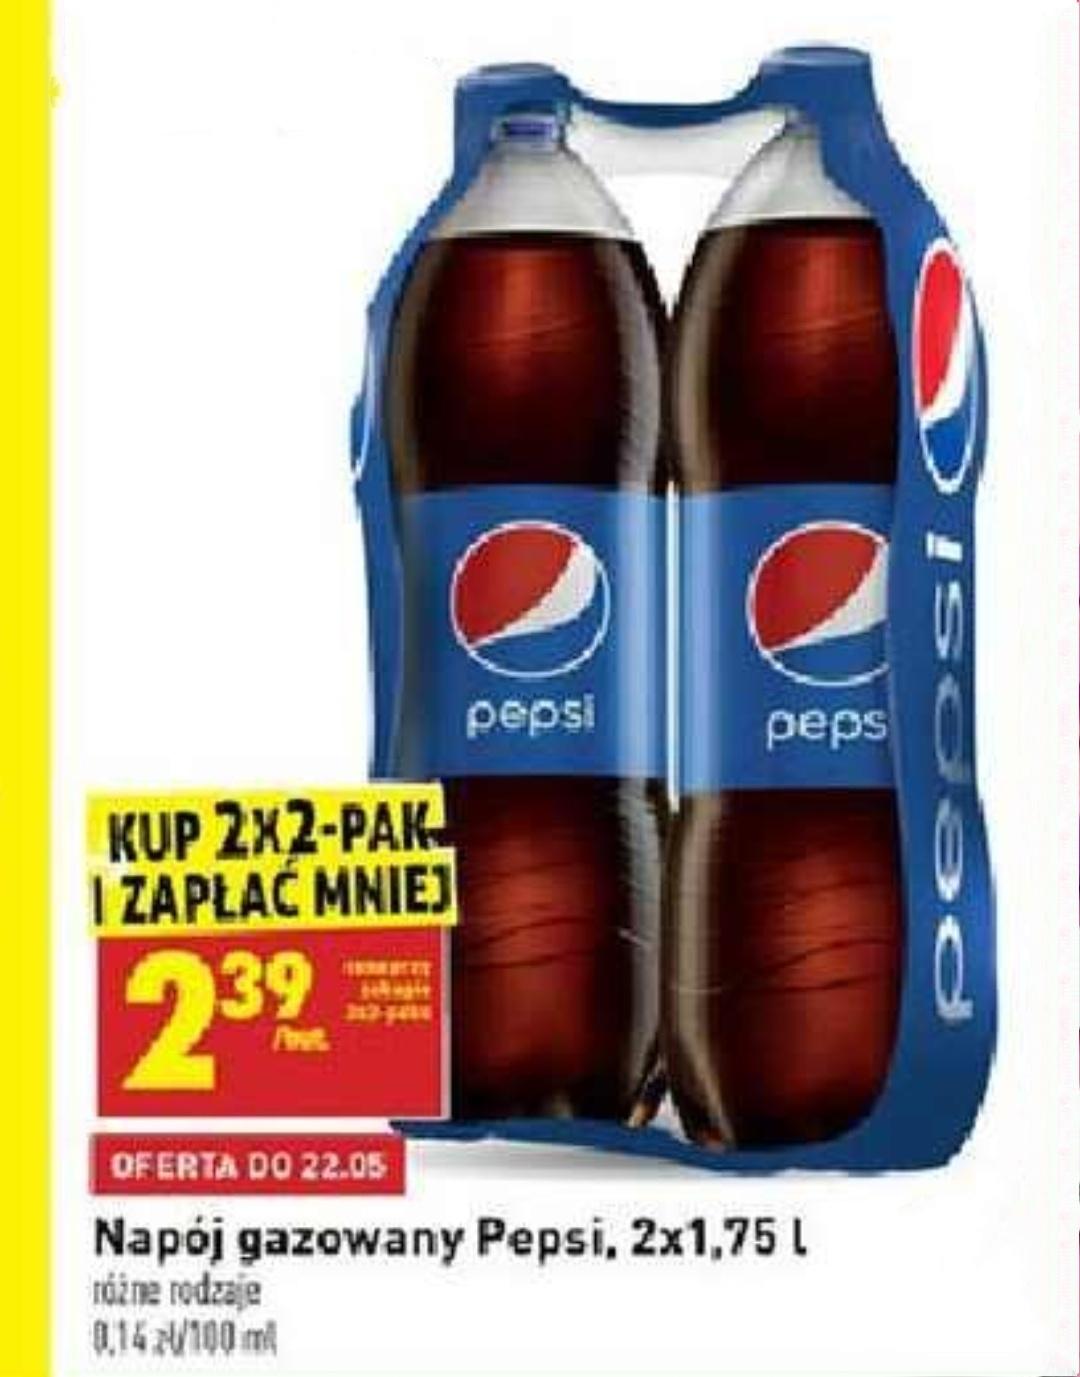 2-pak Pepsi 2x1,75 w cenie 1,37/L